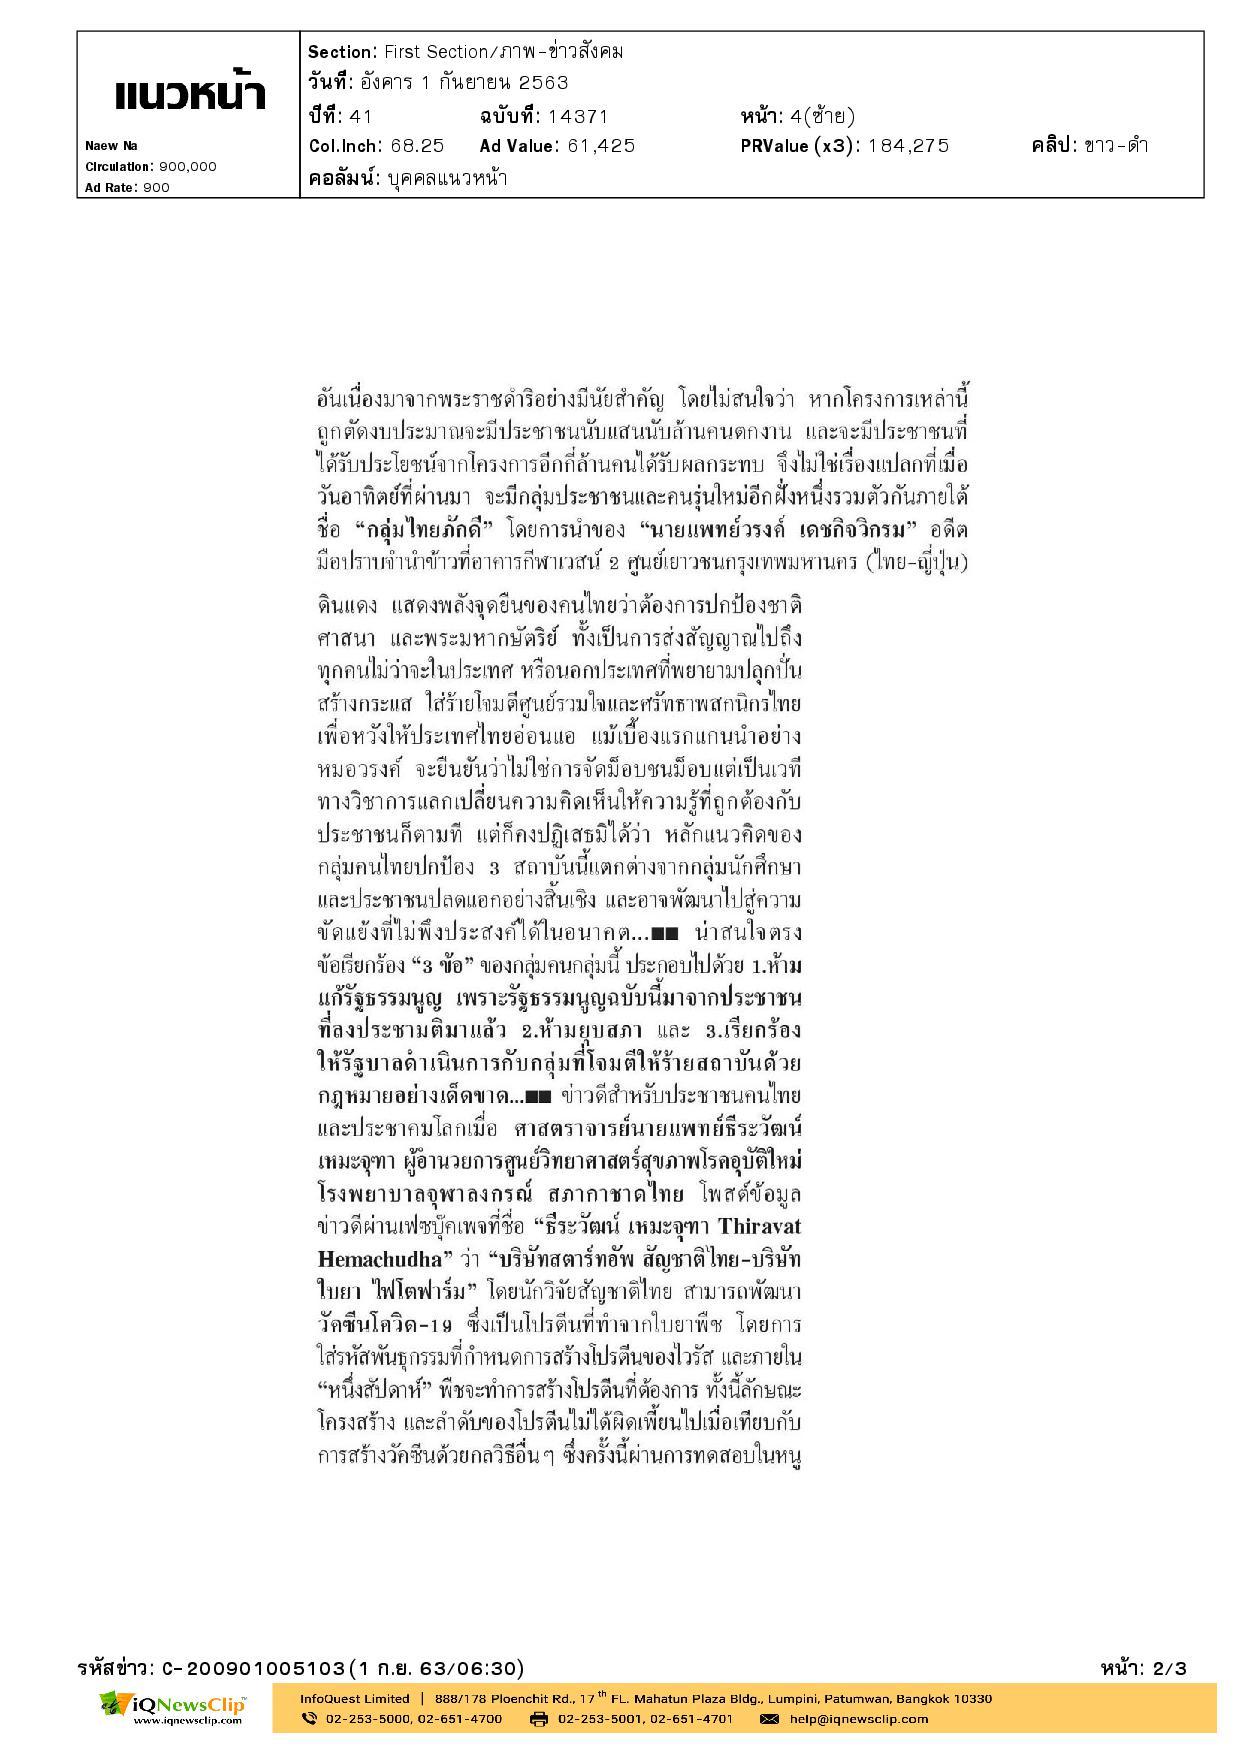 """""""บริษัทสตาร์ท สัญชาติไทย-บริษัทใบยา ไฟโตฟาร์ม"""" สามารถพัฒนาวัคซีนโควิด-19"""